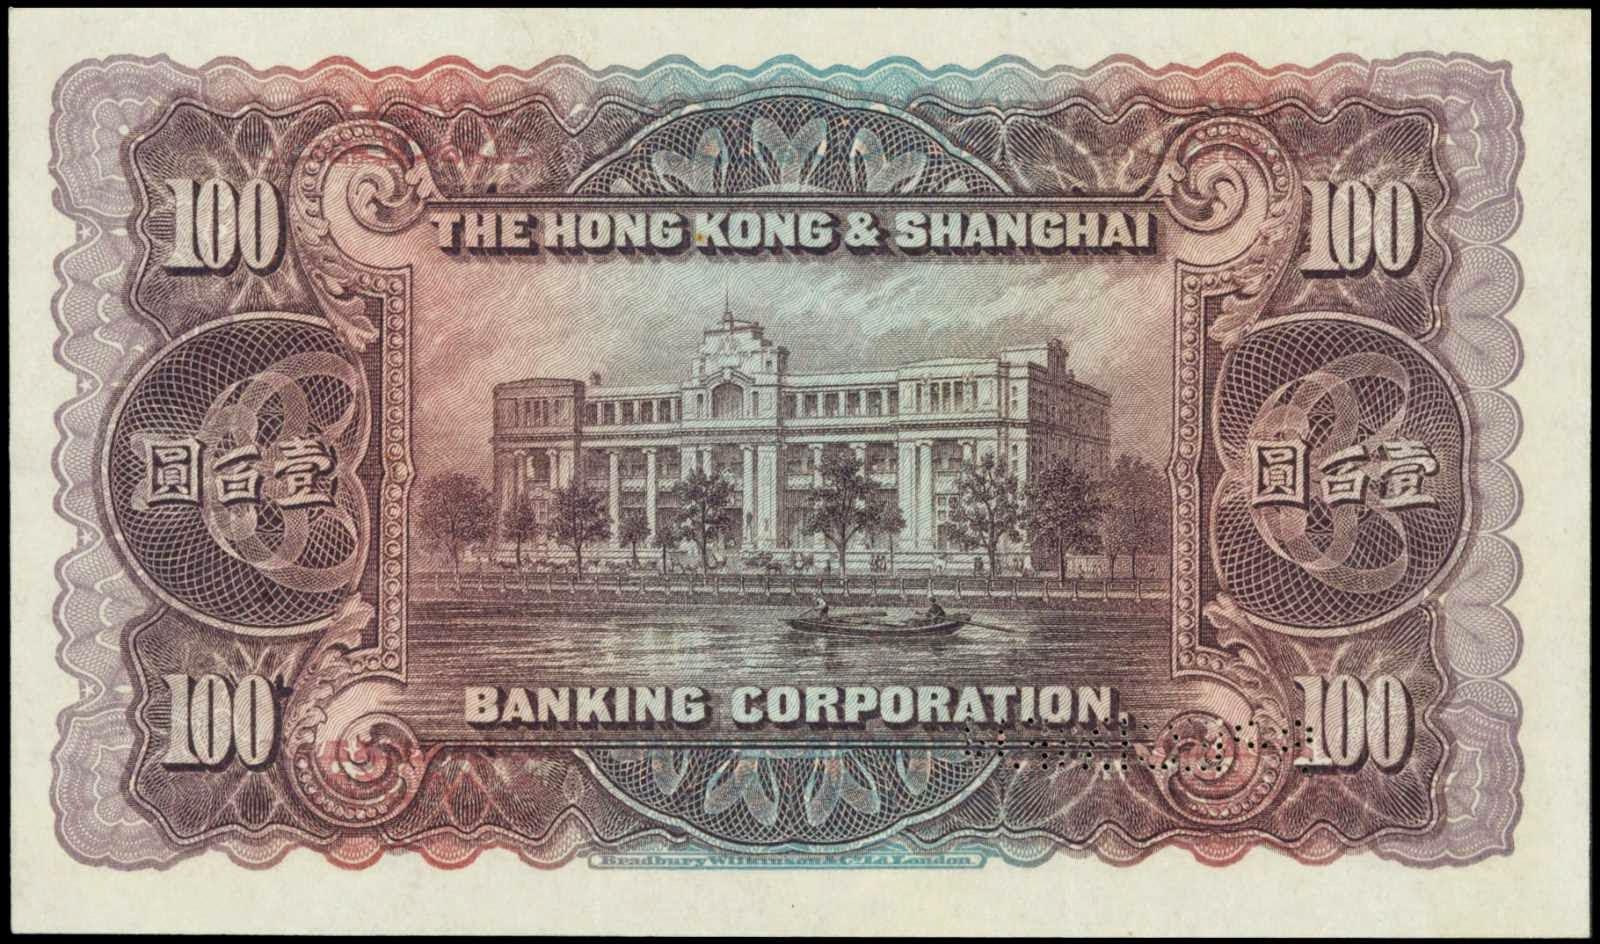 Hong Kong & Shanghai Banking Corporation 100 Dollars banknote